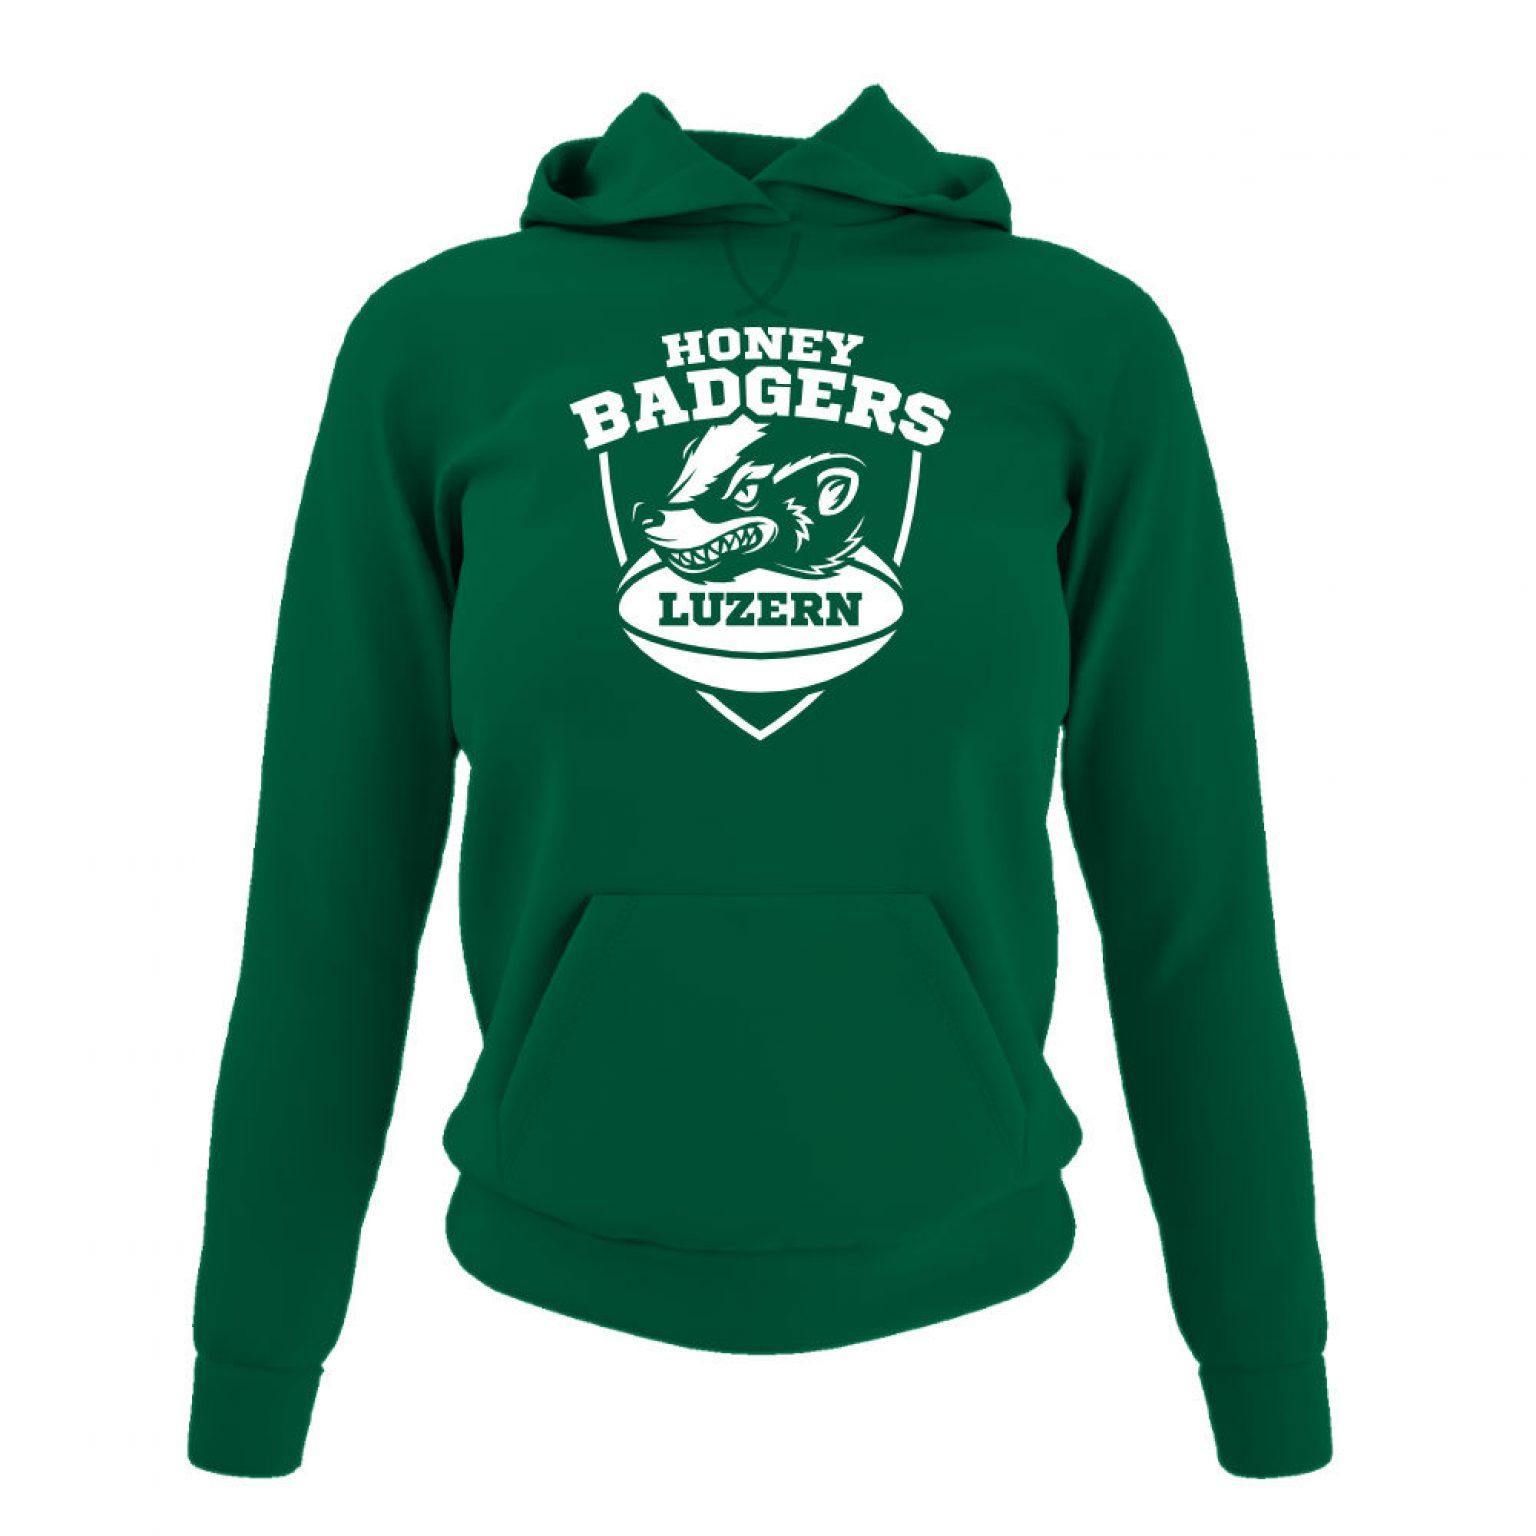 Honeybadgers hoodie damen green